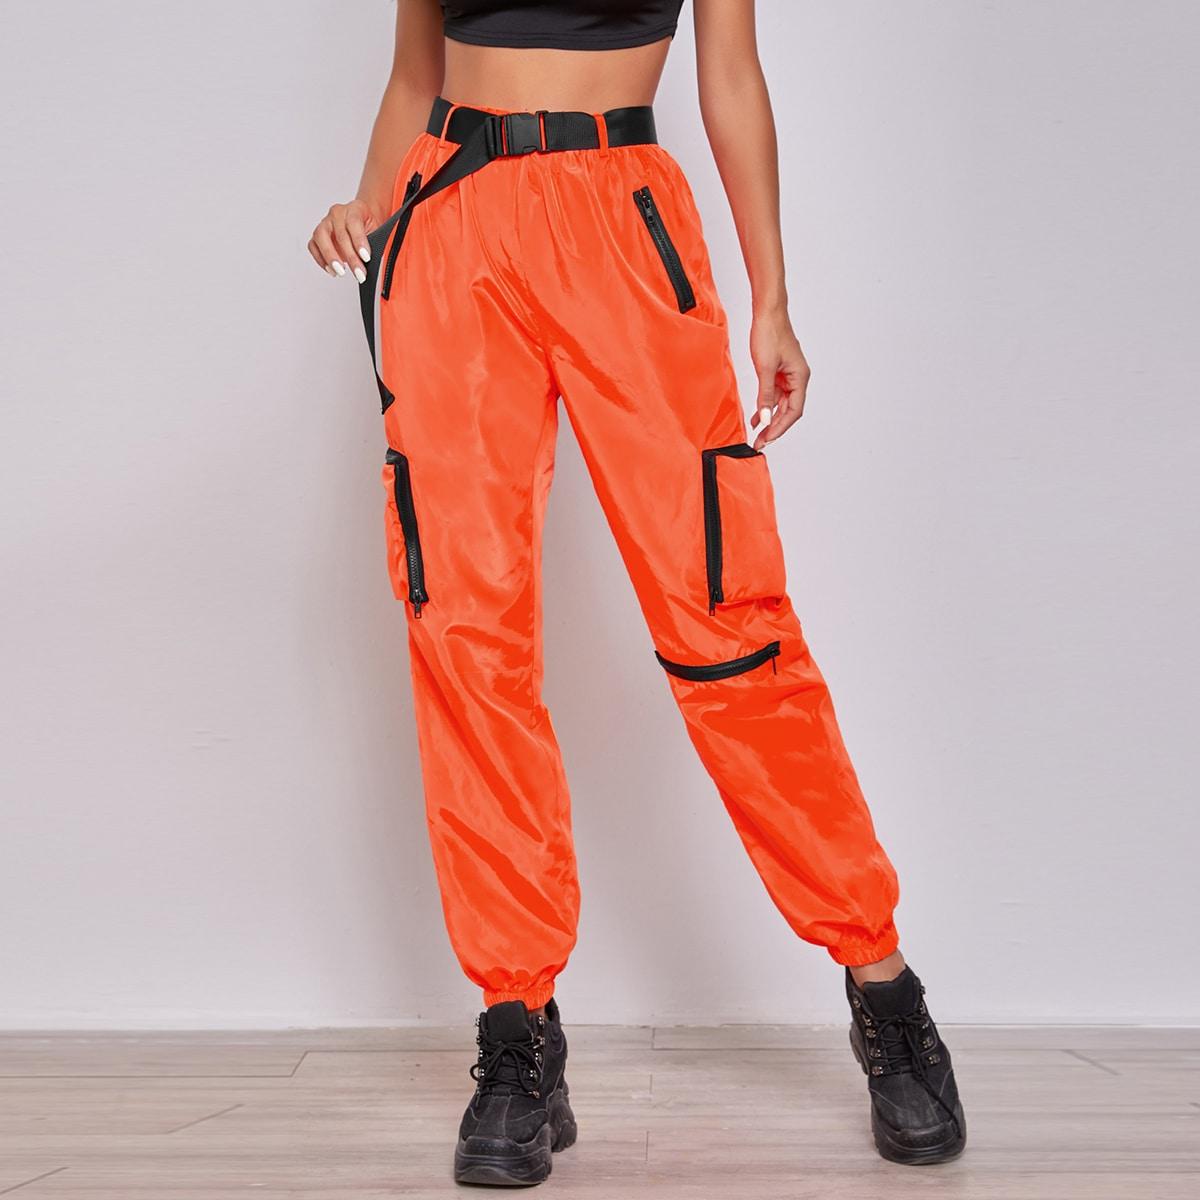 Неоновые оранжевые джоггеры с поясом